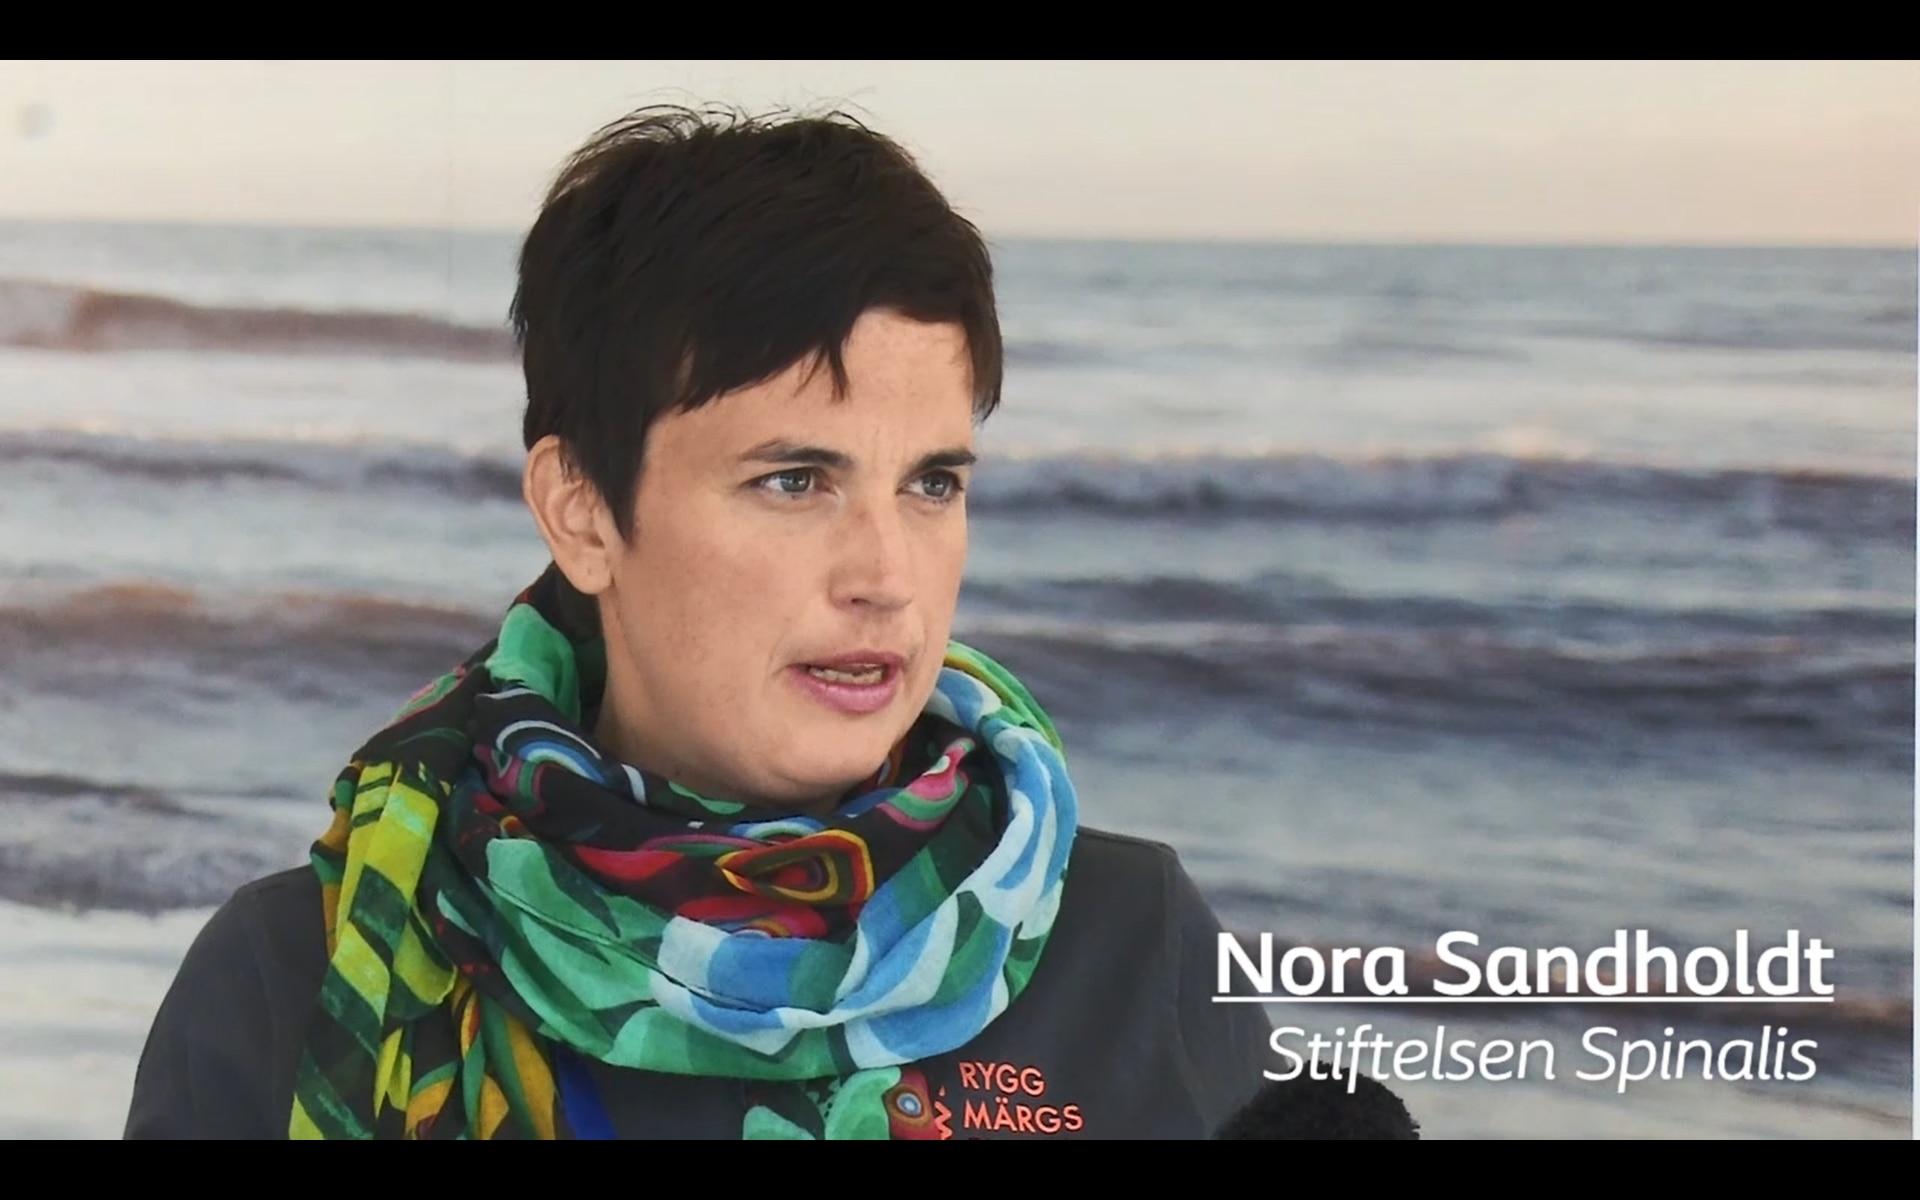 Nora Sandholdt